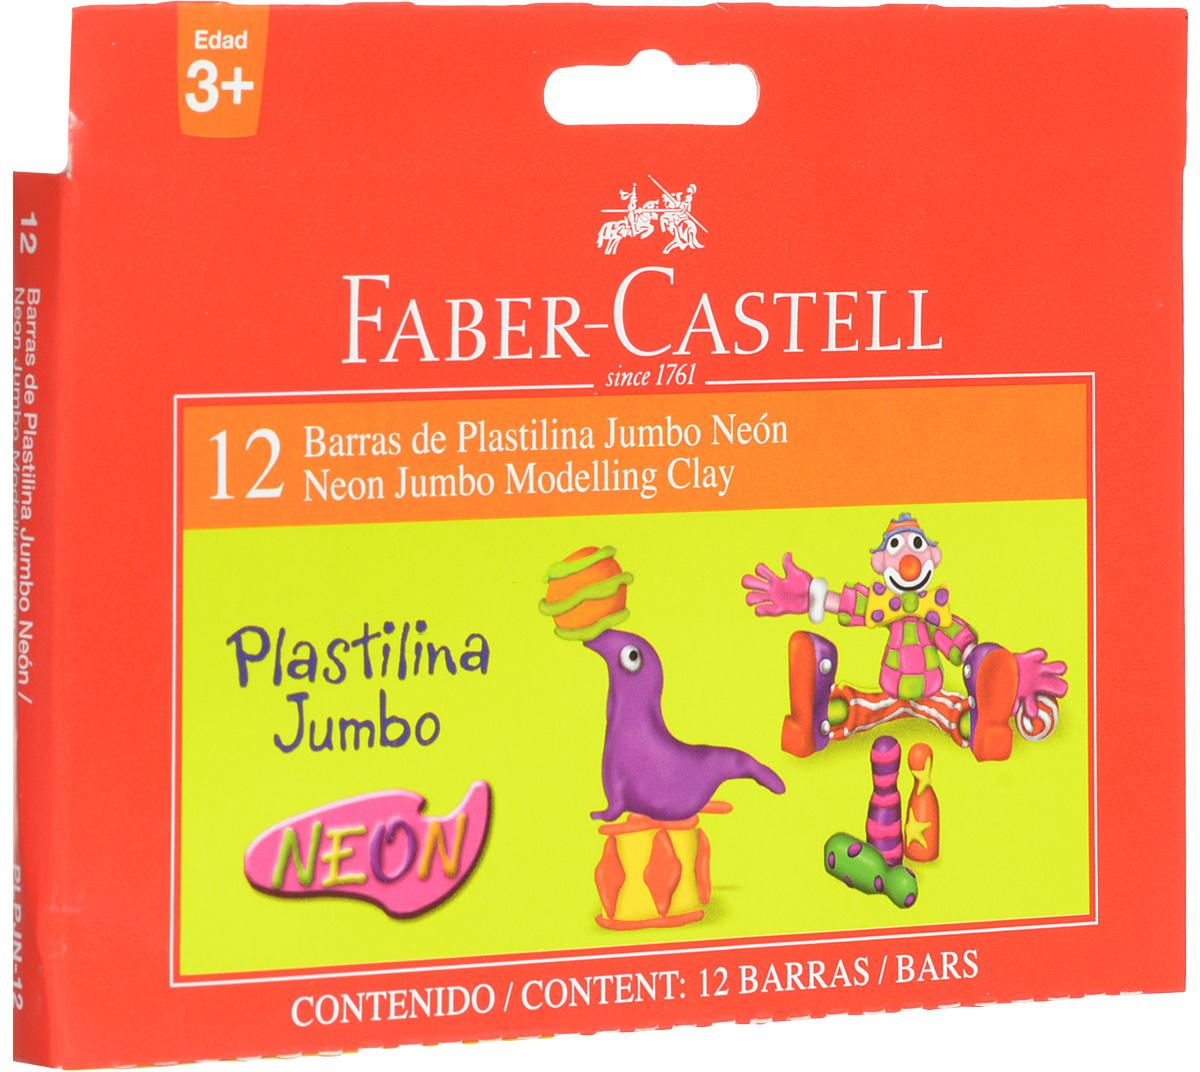 Faber-Castell Пластилин Neon Jumbo 6 цветов120822В наборе Faber-Castell Neon Jumbo находится 12 брусков цветного пластилина з 6 цветов. Пластилин обладает яркими неоновыми цветами, безопасен при использовании и изготовлен на масляной основе. Он имеет мягкую и эластичную фактуру, не прилипает к рукам и не крошится.Набор пластилина откроет юным художникам новые горизонты для творчества, поможет отлично развить мелкую моторику рук, цветовое восприятие, фантазию и воображение.